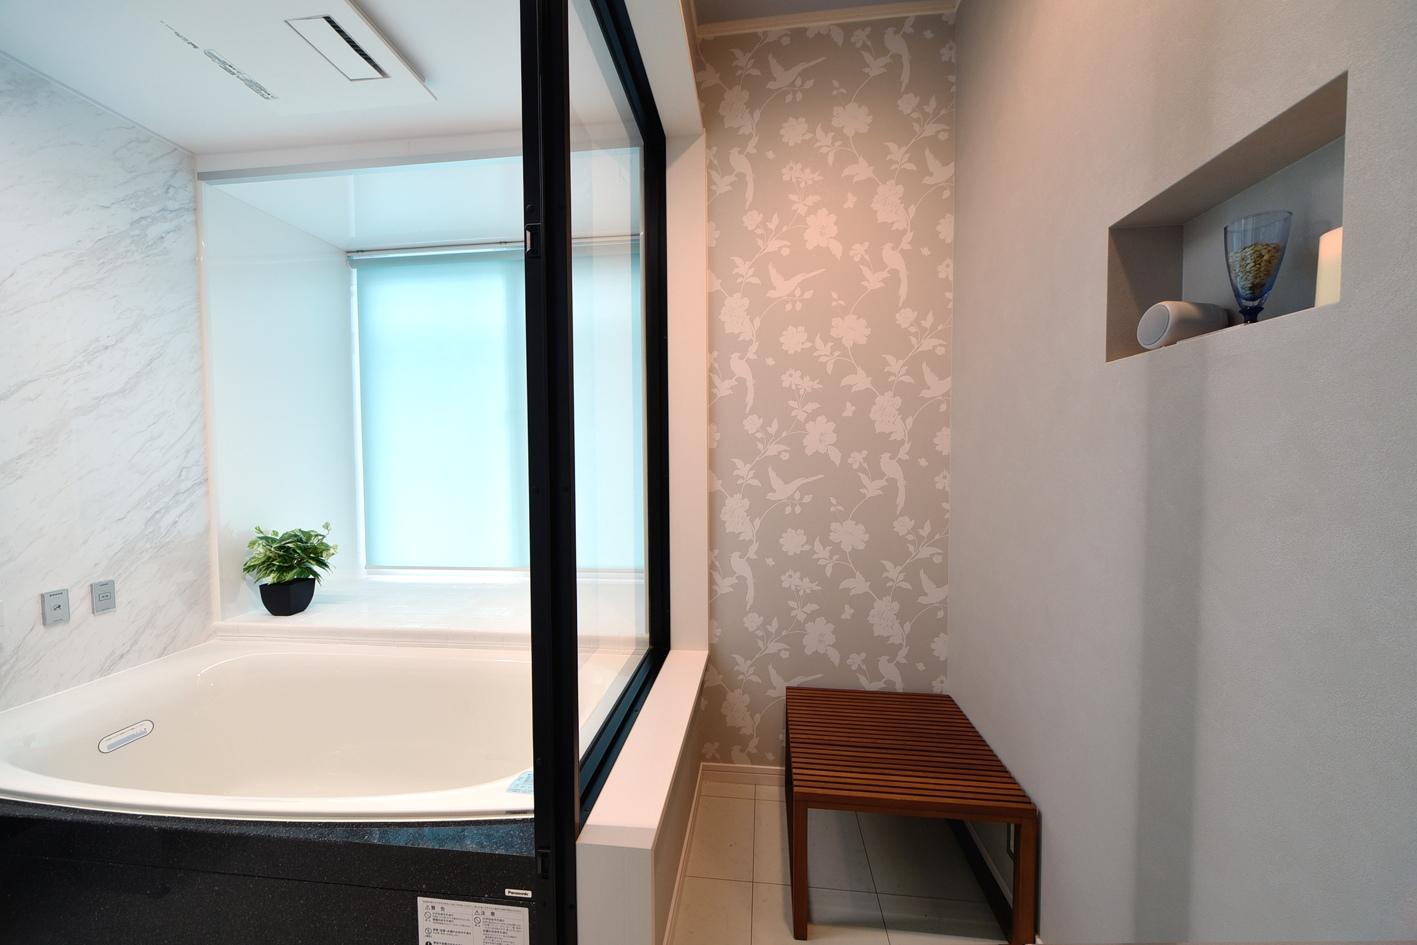 デザイン重視の浴室リフォーム(宇都宮市Y様邸)